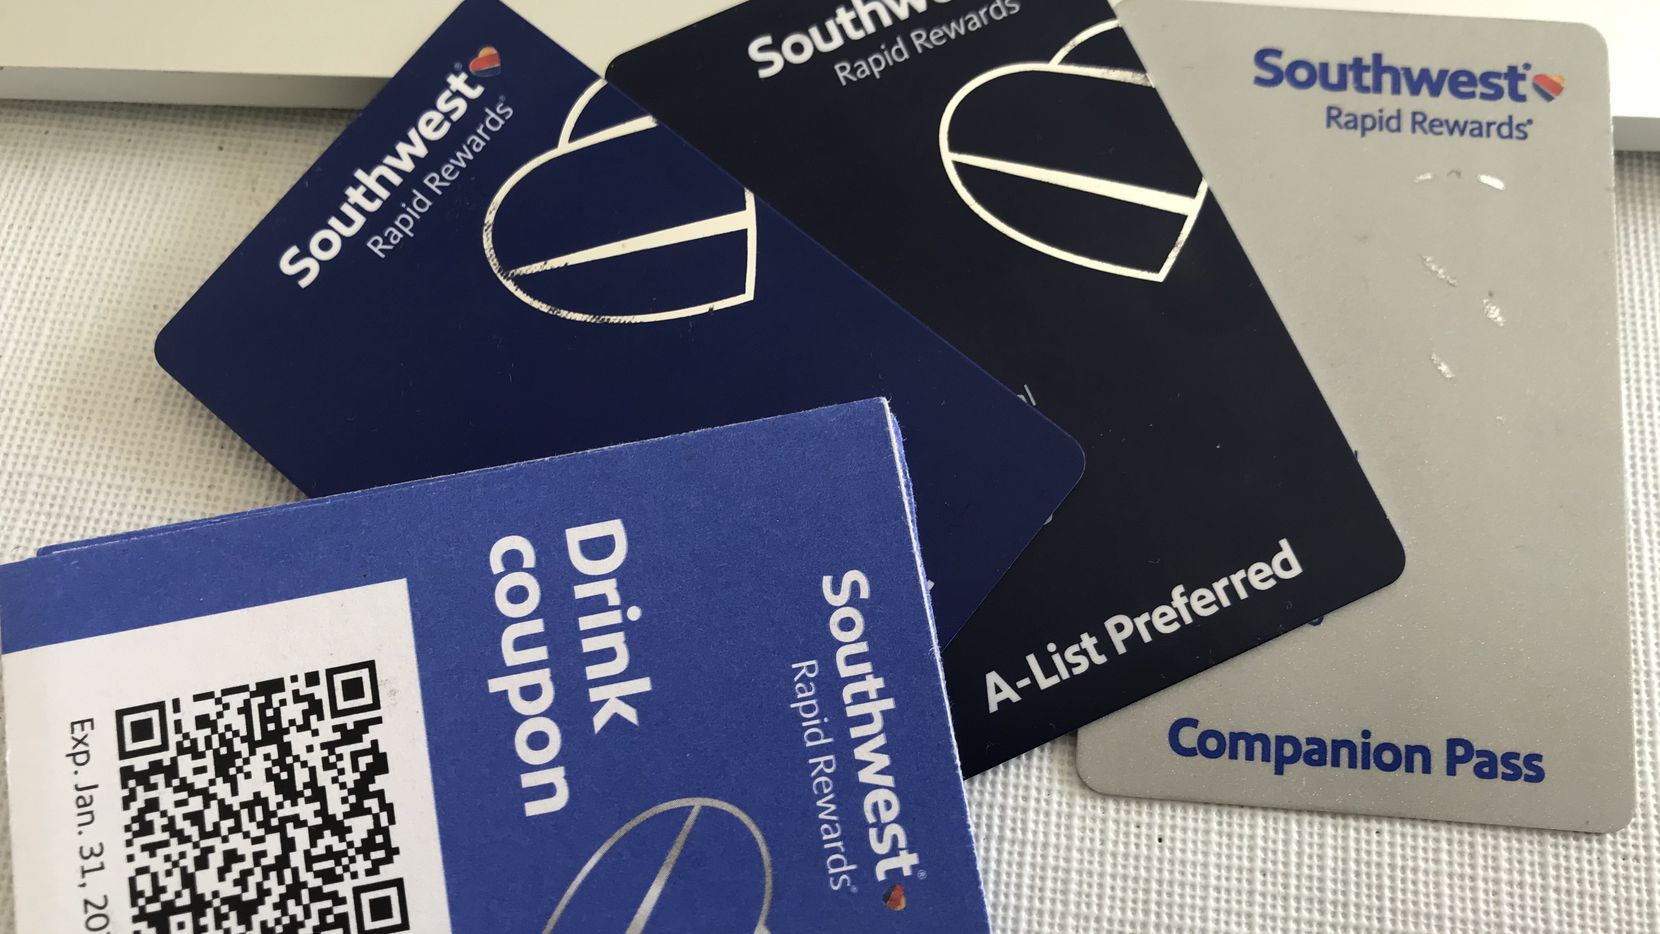 Southwest Airlines aumentó los beneficios para su programa de Companion pass, el cual es parte de su programa Rapid Rewards para clientes frecuentes.